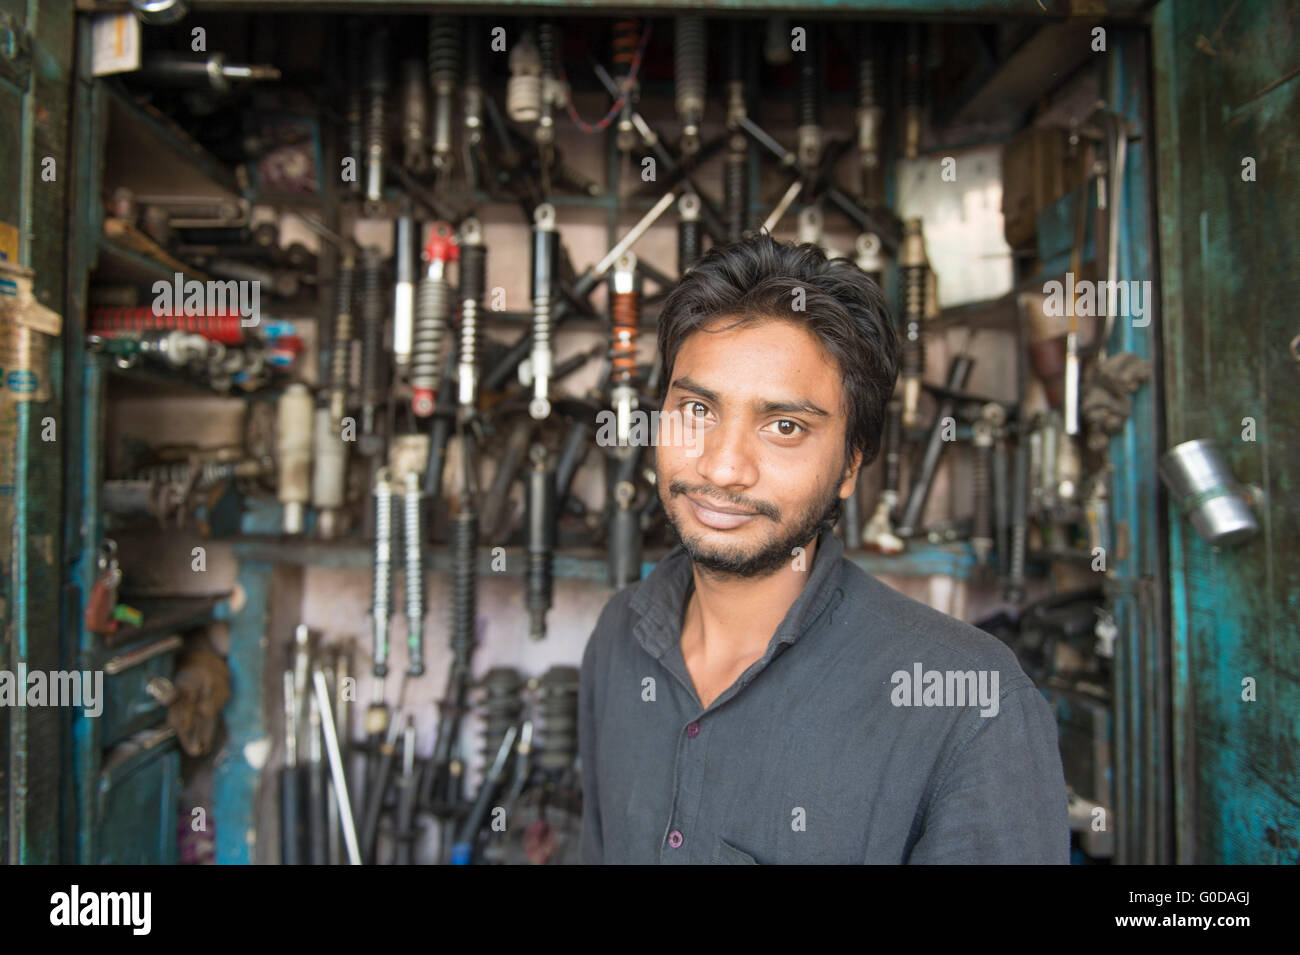 Lokalen indischen Mechaniker posieren für die Kamera die Straße Alt-Delhi in Indien. Stockbild